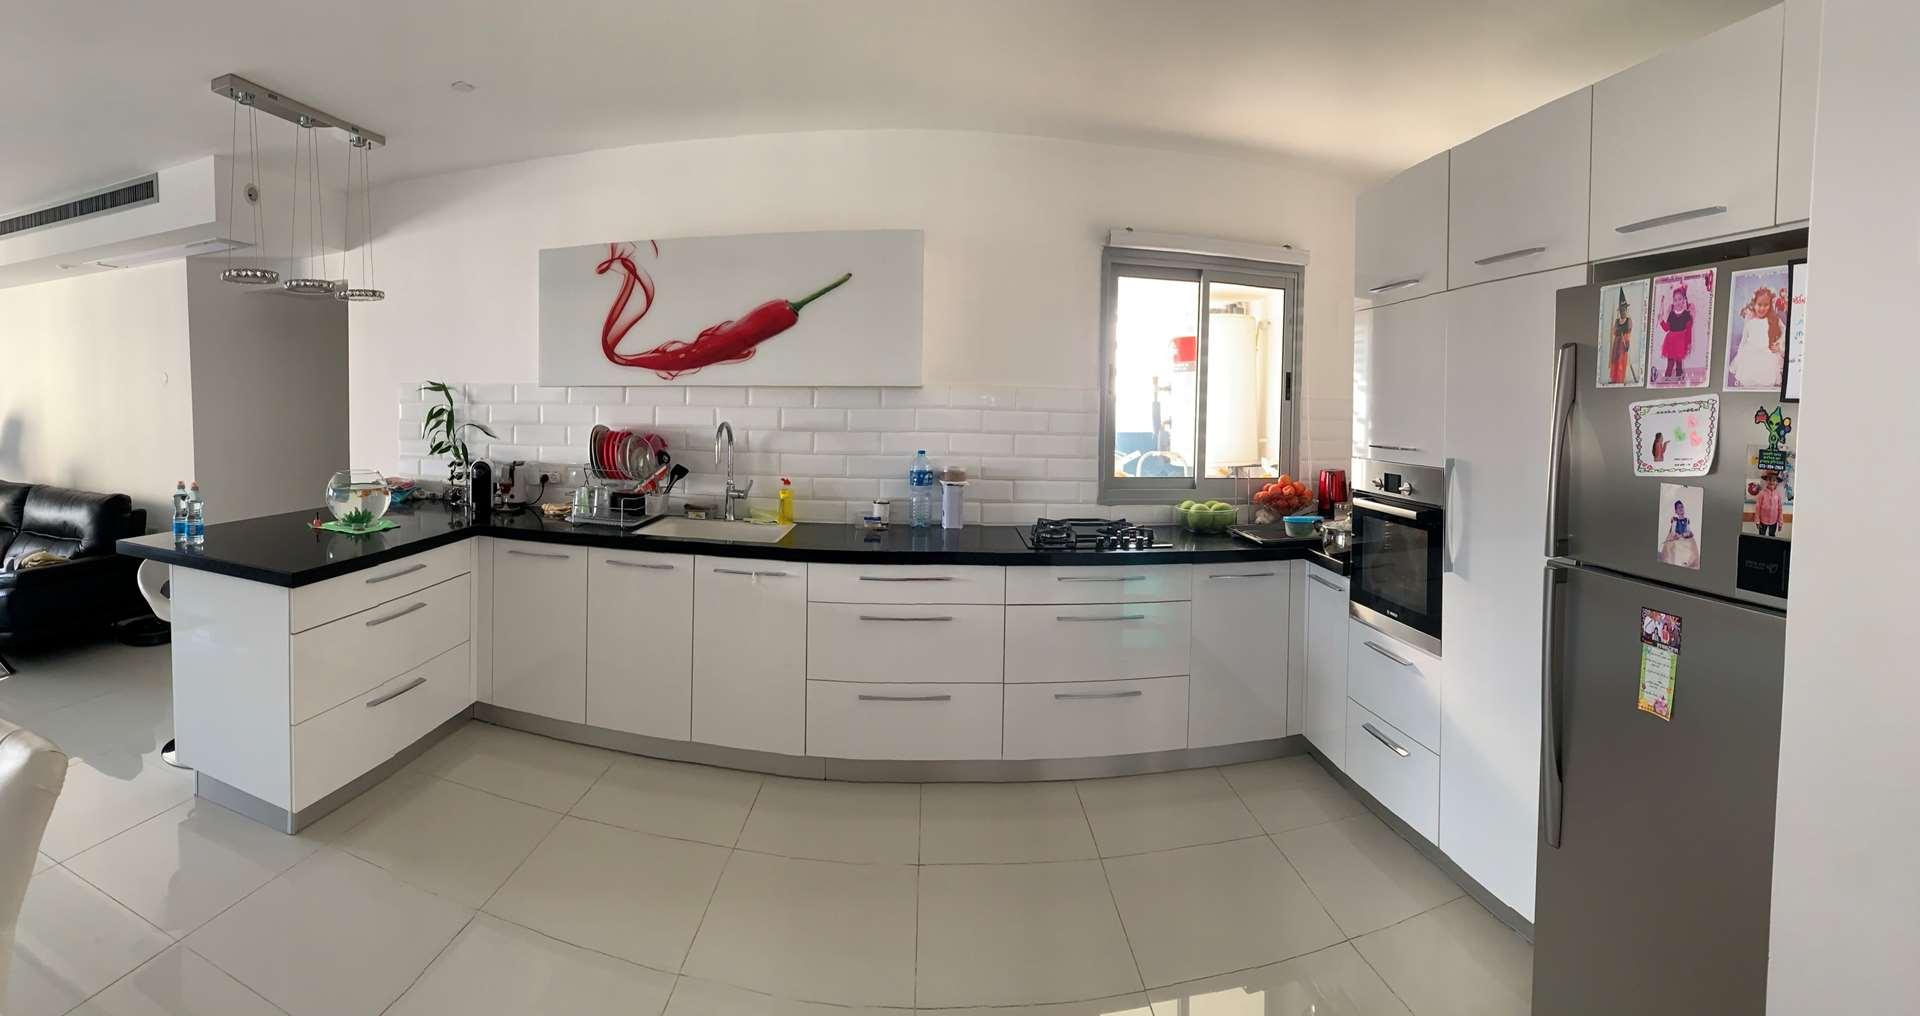 דירה למכירה 5 חדרים באשקלון בלפור